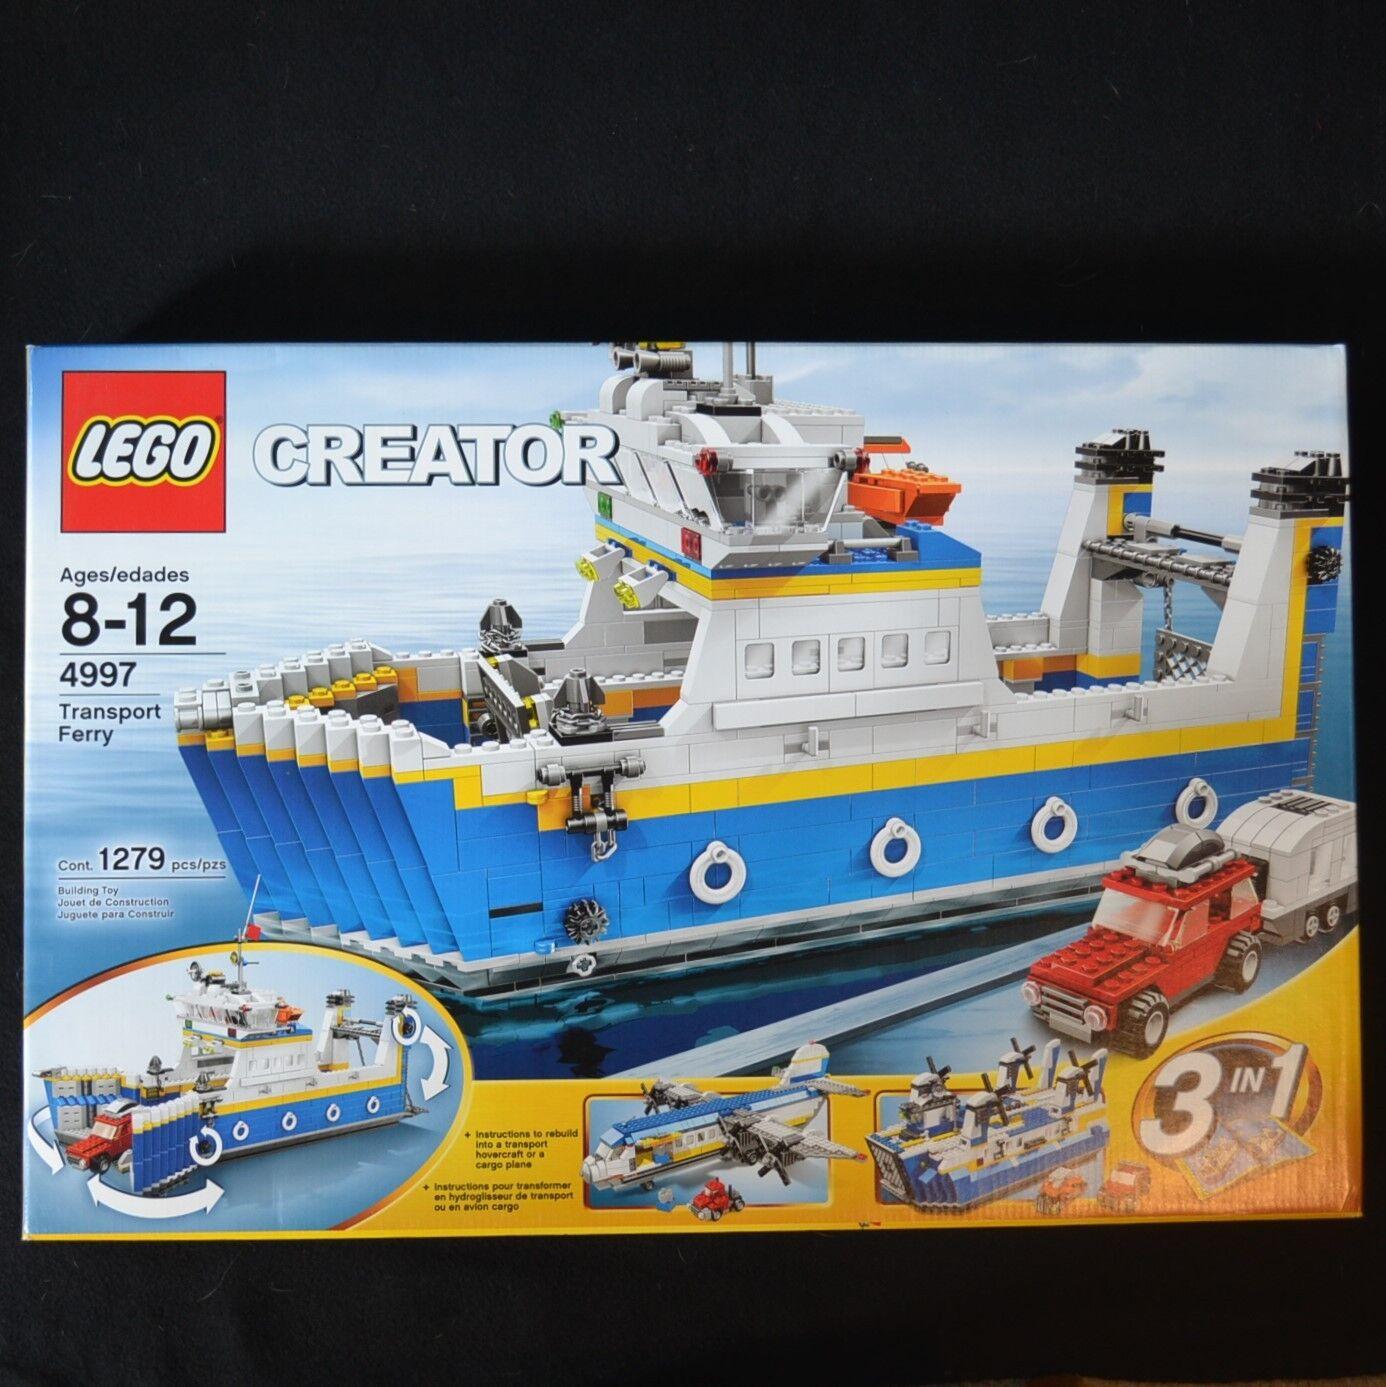 NISB LEGO Creator Transport Ferry 4997 - Free US Shipping